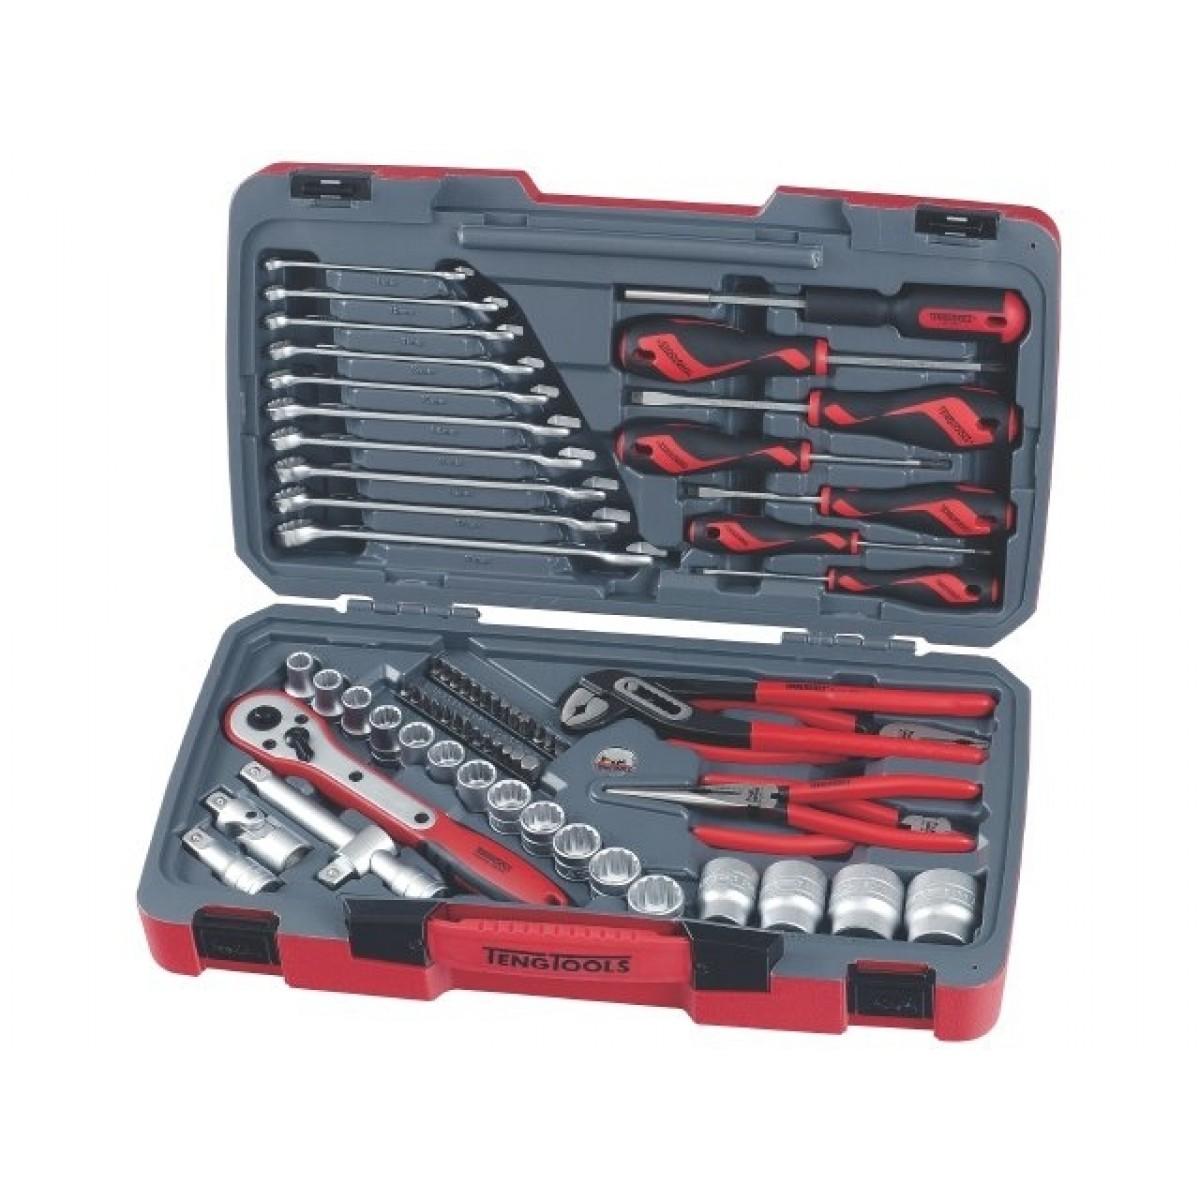 Teng Tools værktøjssæt 68 dele-31